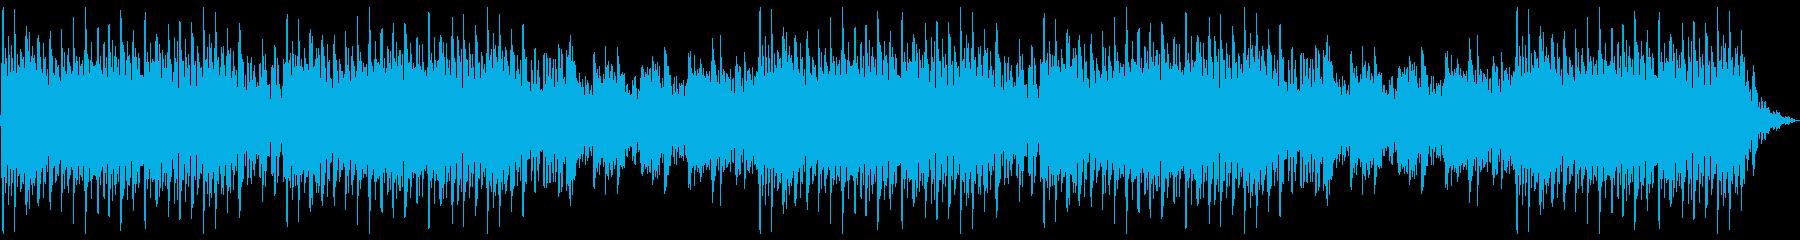 気高さと疾走感を描く合唱曲:編集Aの再生済みの波形